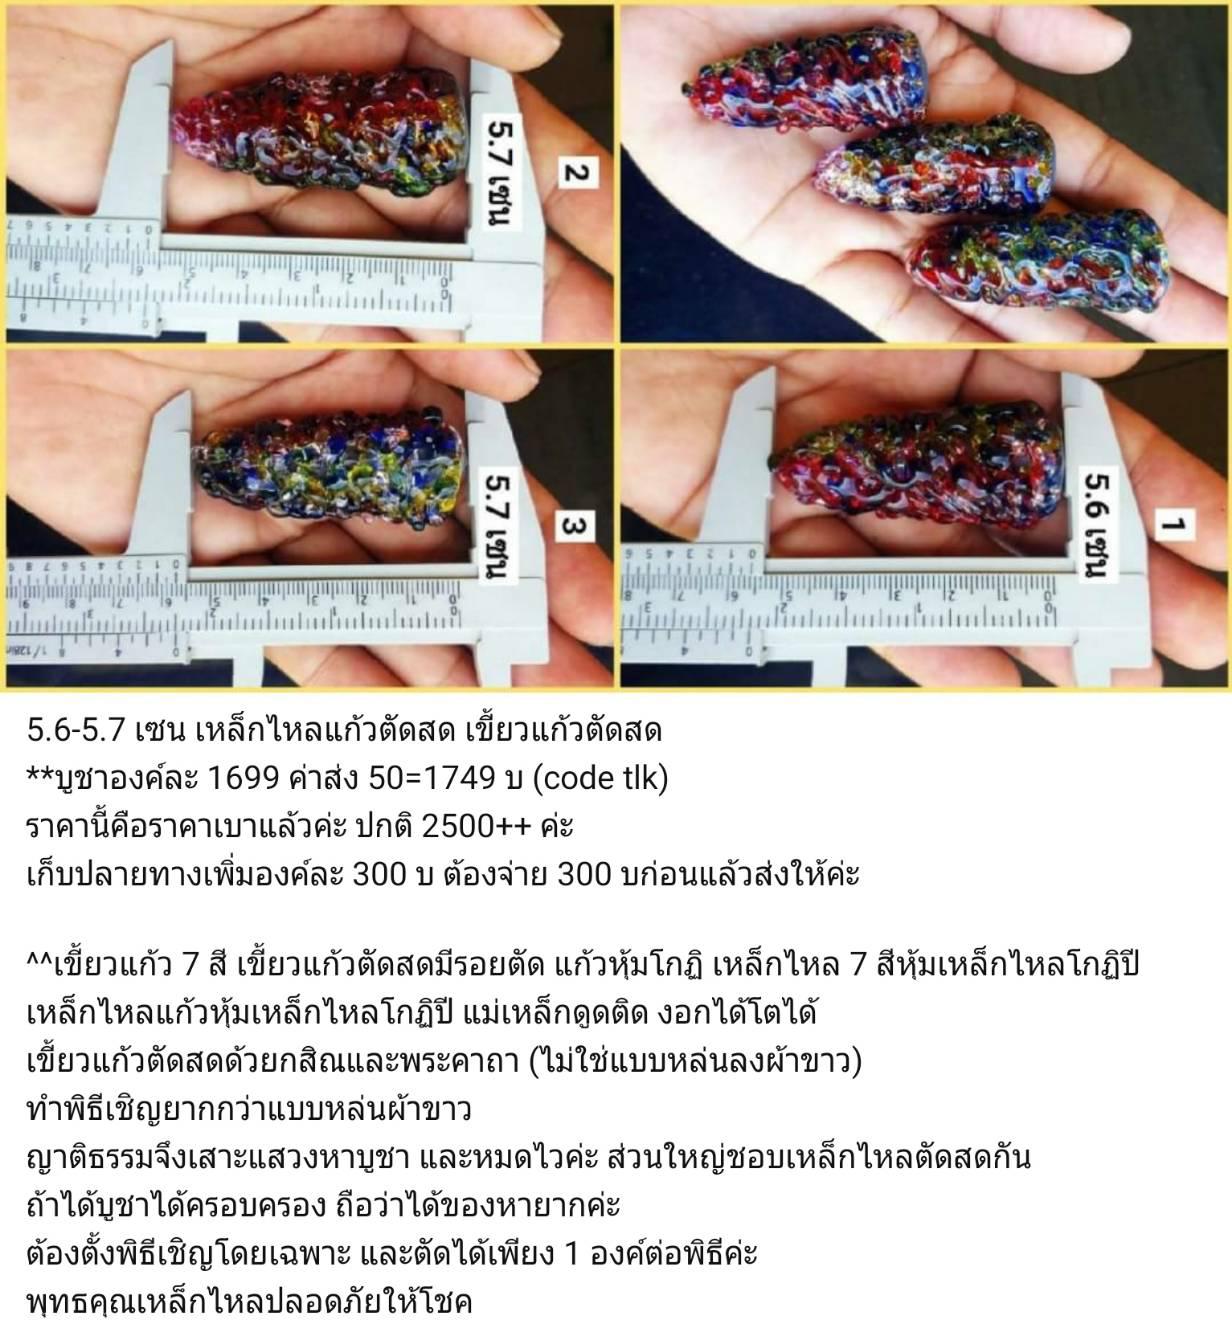 upload_2019-9-10_23-27-30.png